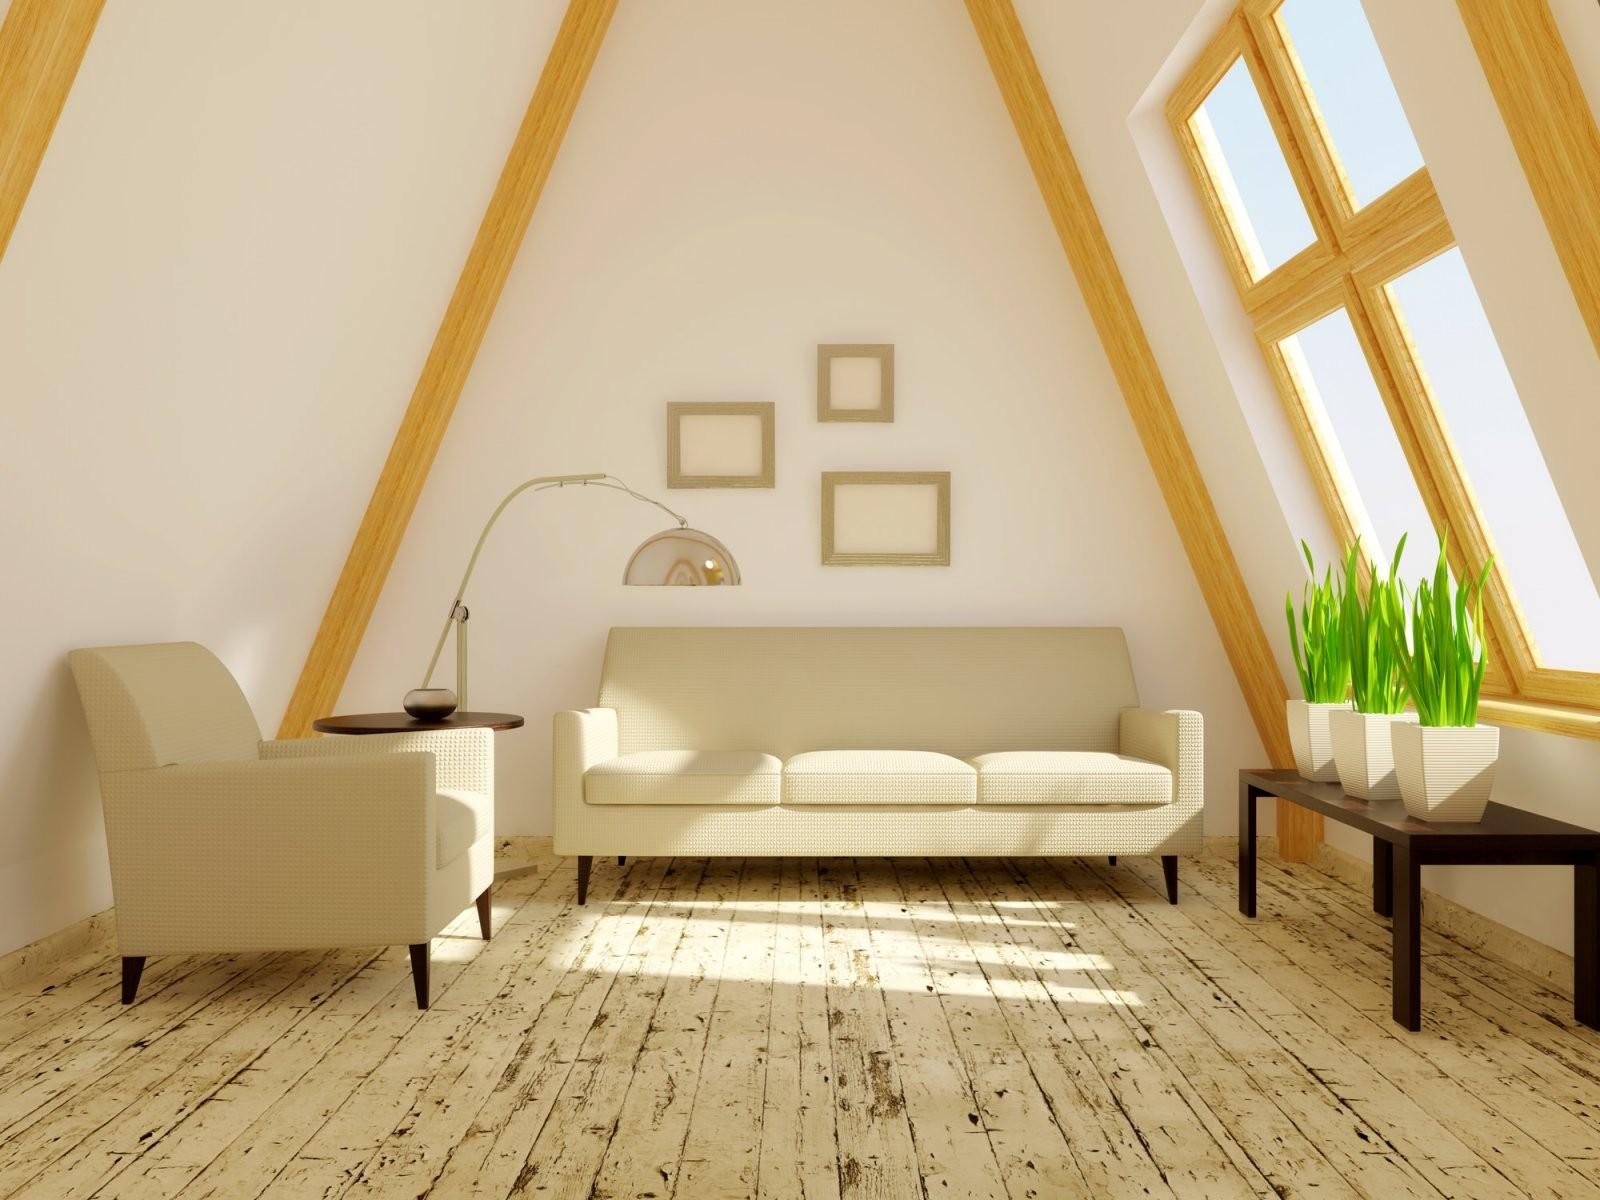 Ganz Schön Schräg 10 Tipps Wie Sie Räume Mit Dachschrägen Stilvoll von Deko Für Große Räume Bild